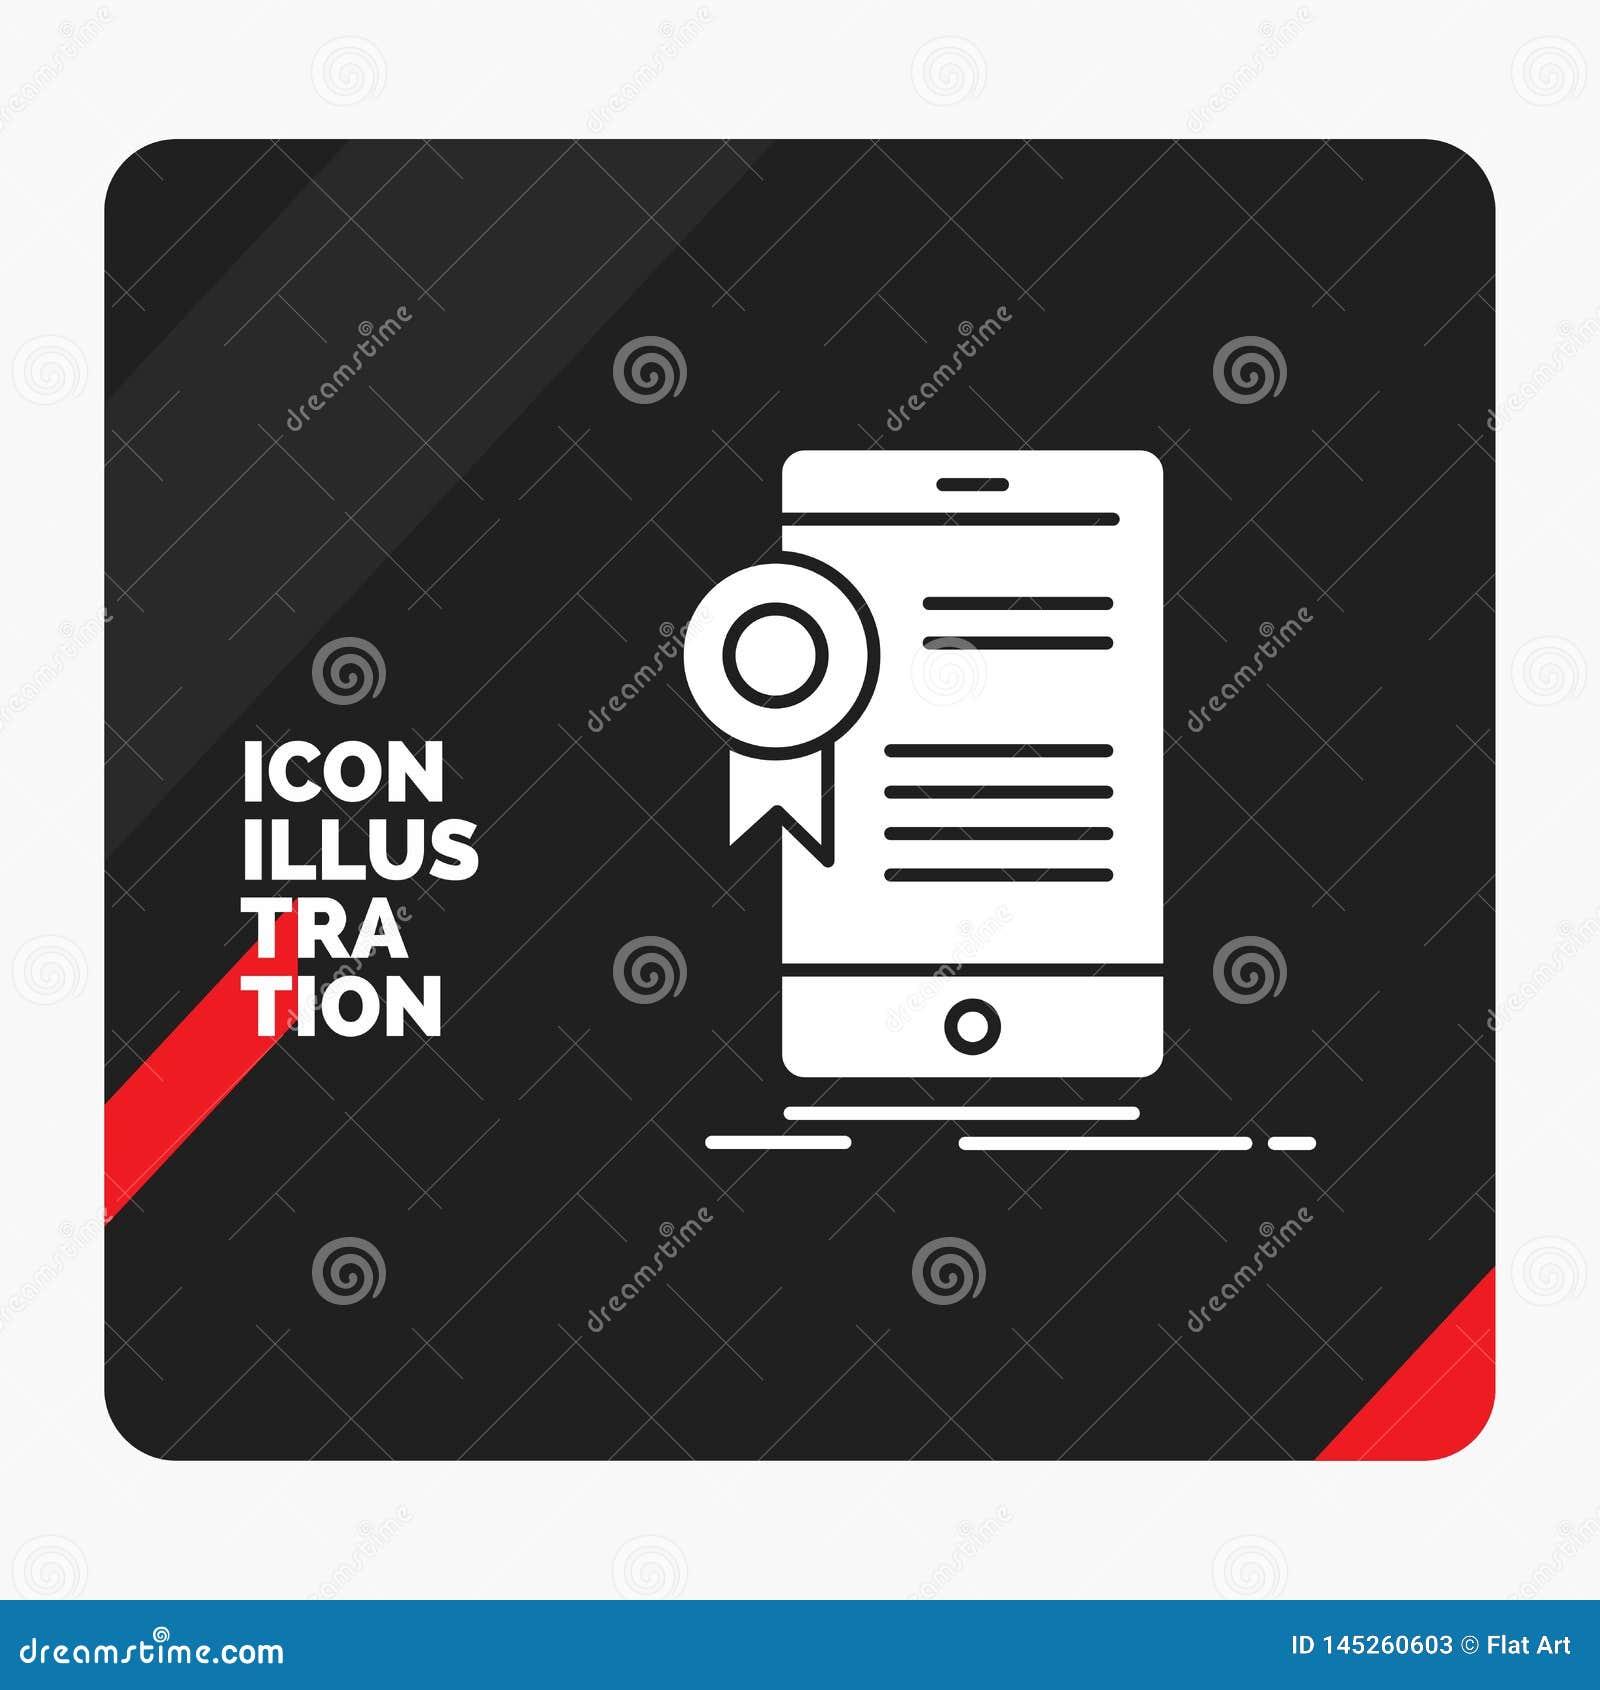 Fondo creativo rojo y negro para el certificado, certificación, App, uso, icono de la presentación del Glyph de la aprobación